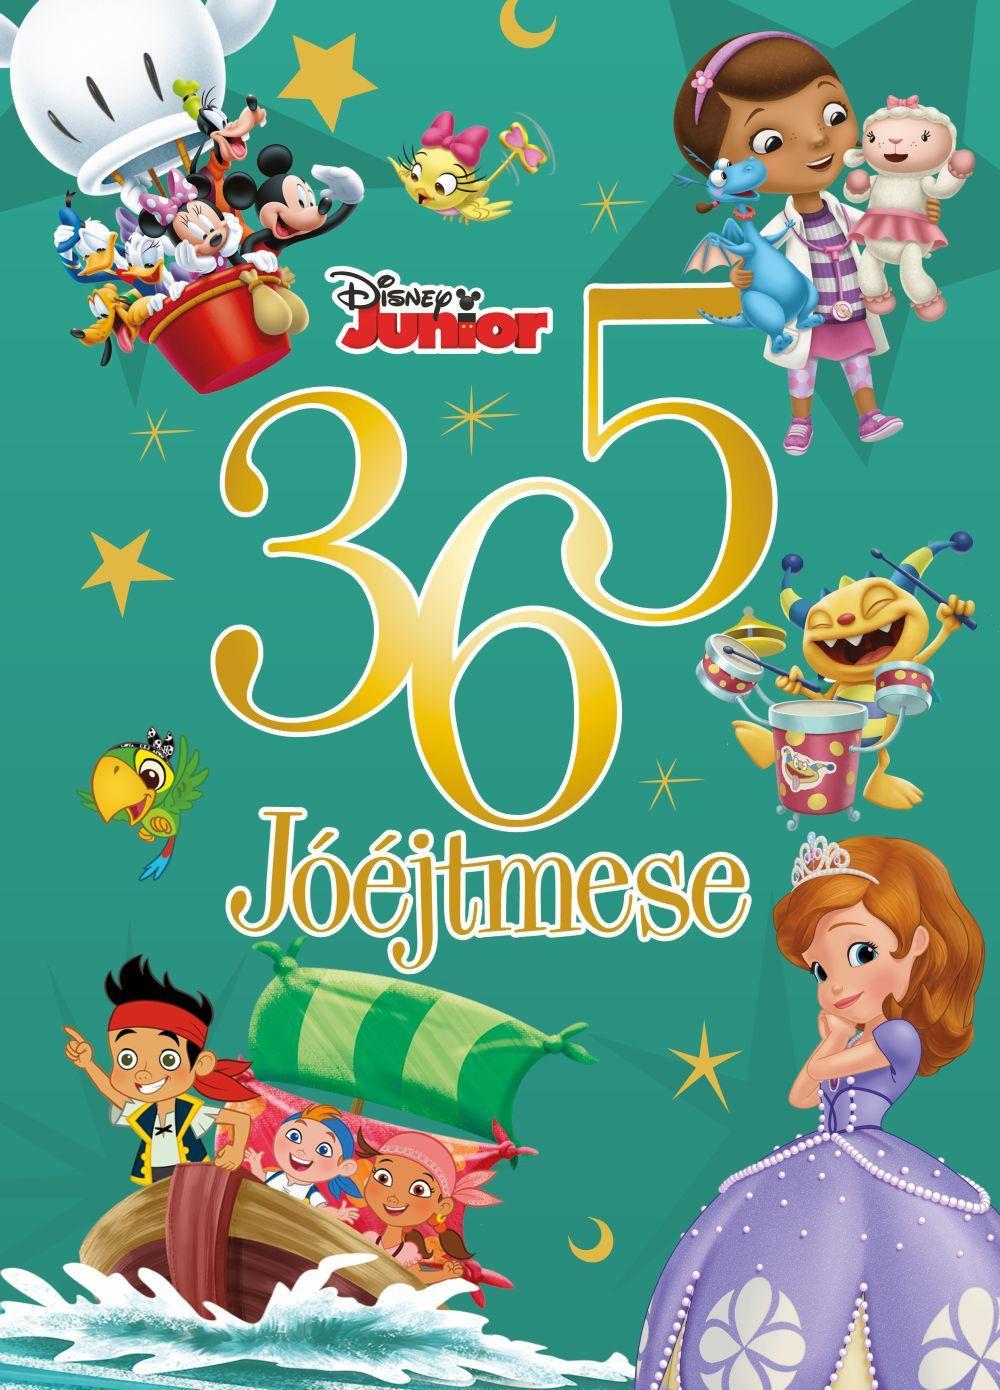 Disney Junior - 365 jóéjtmese